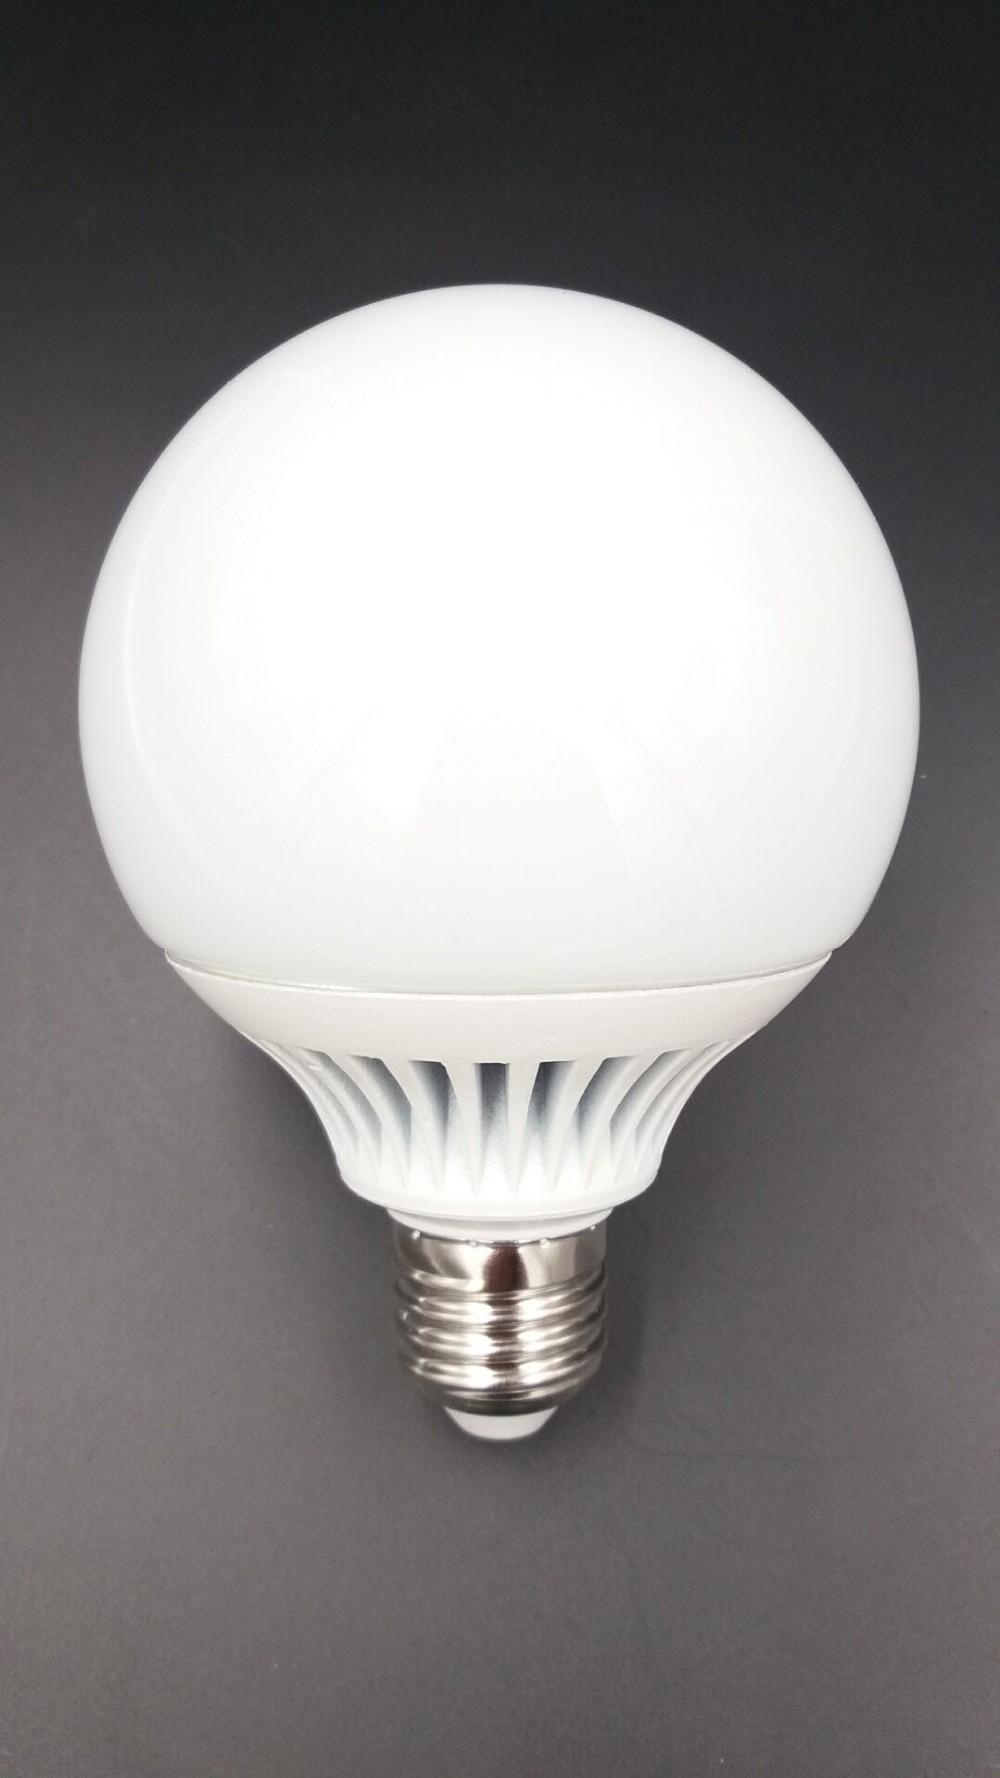 best deals on led light manufacturer 220 240vac rgb color